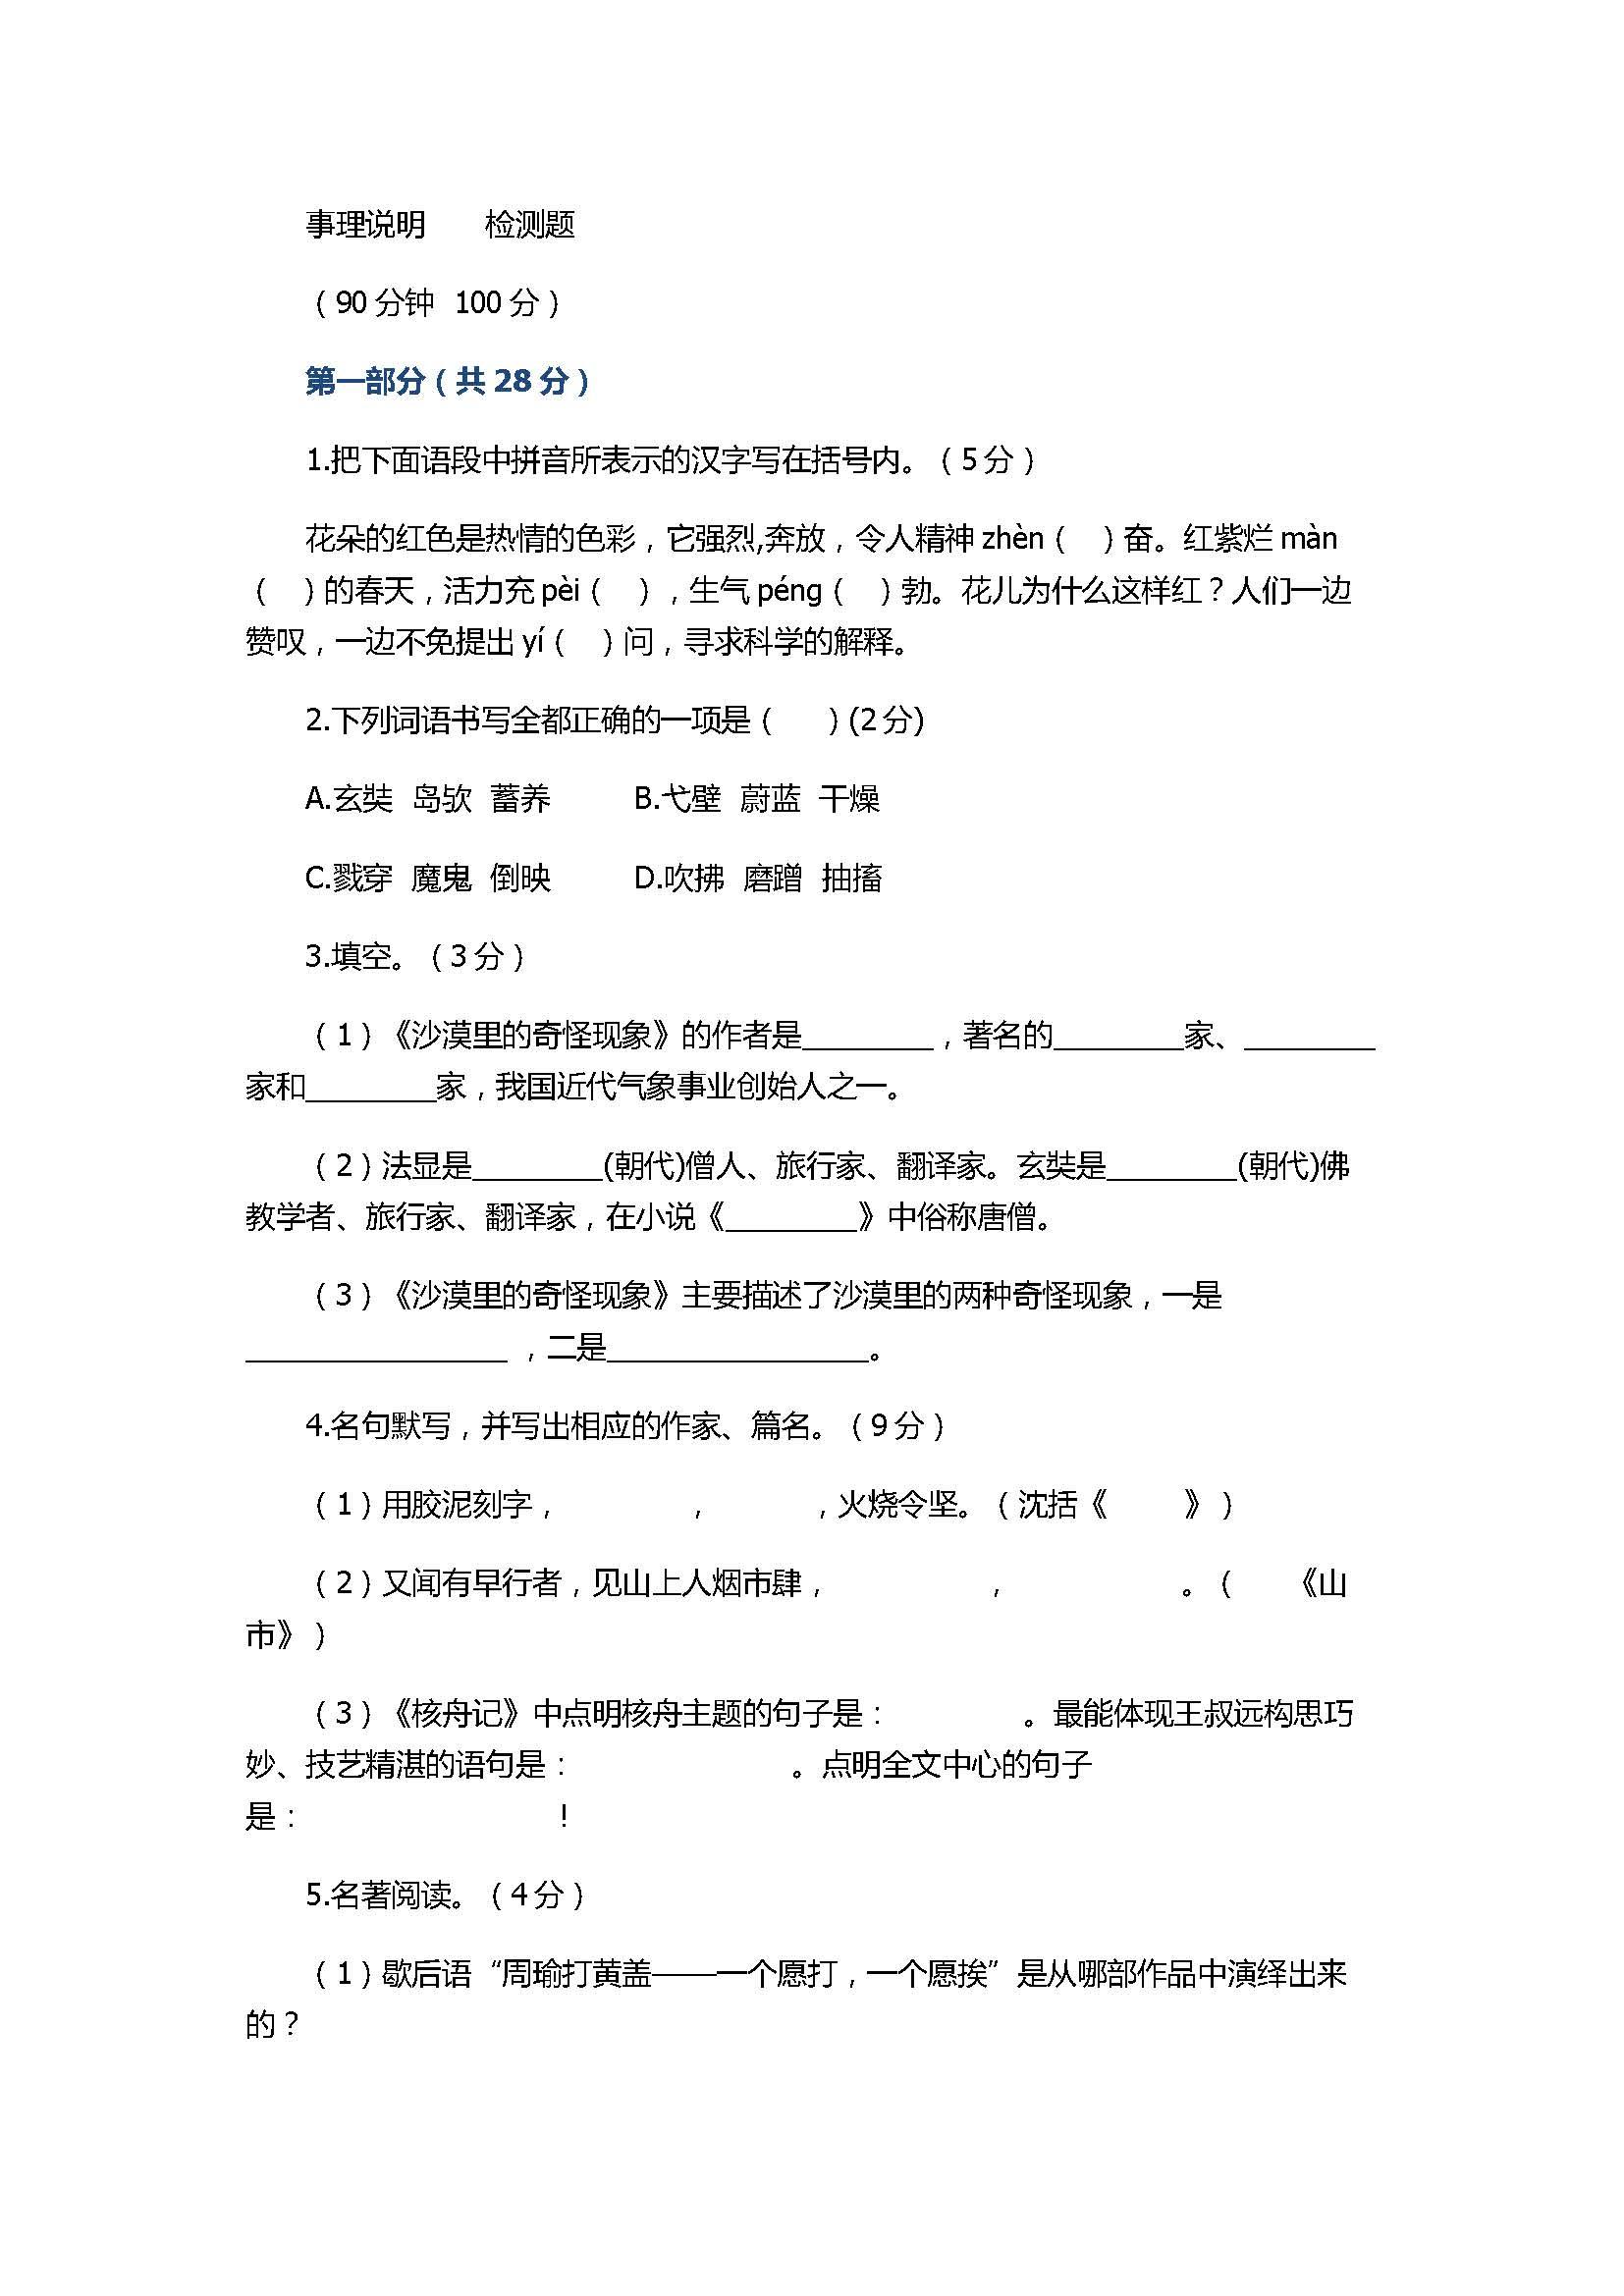 2017八年级语文下册第三单元检测试题附答案(苏教版)